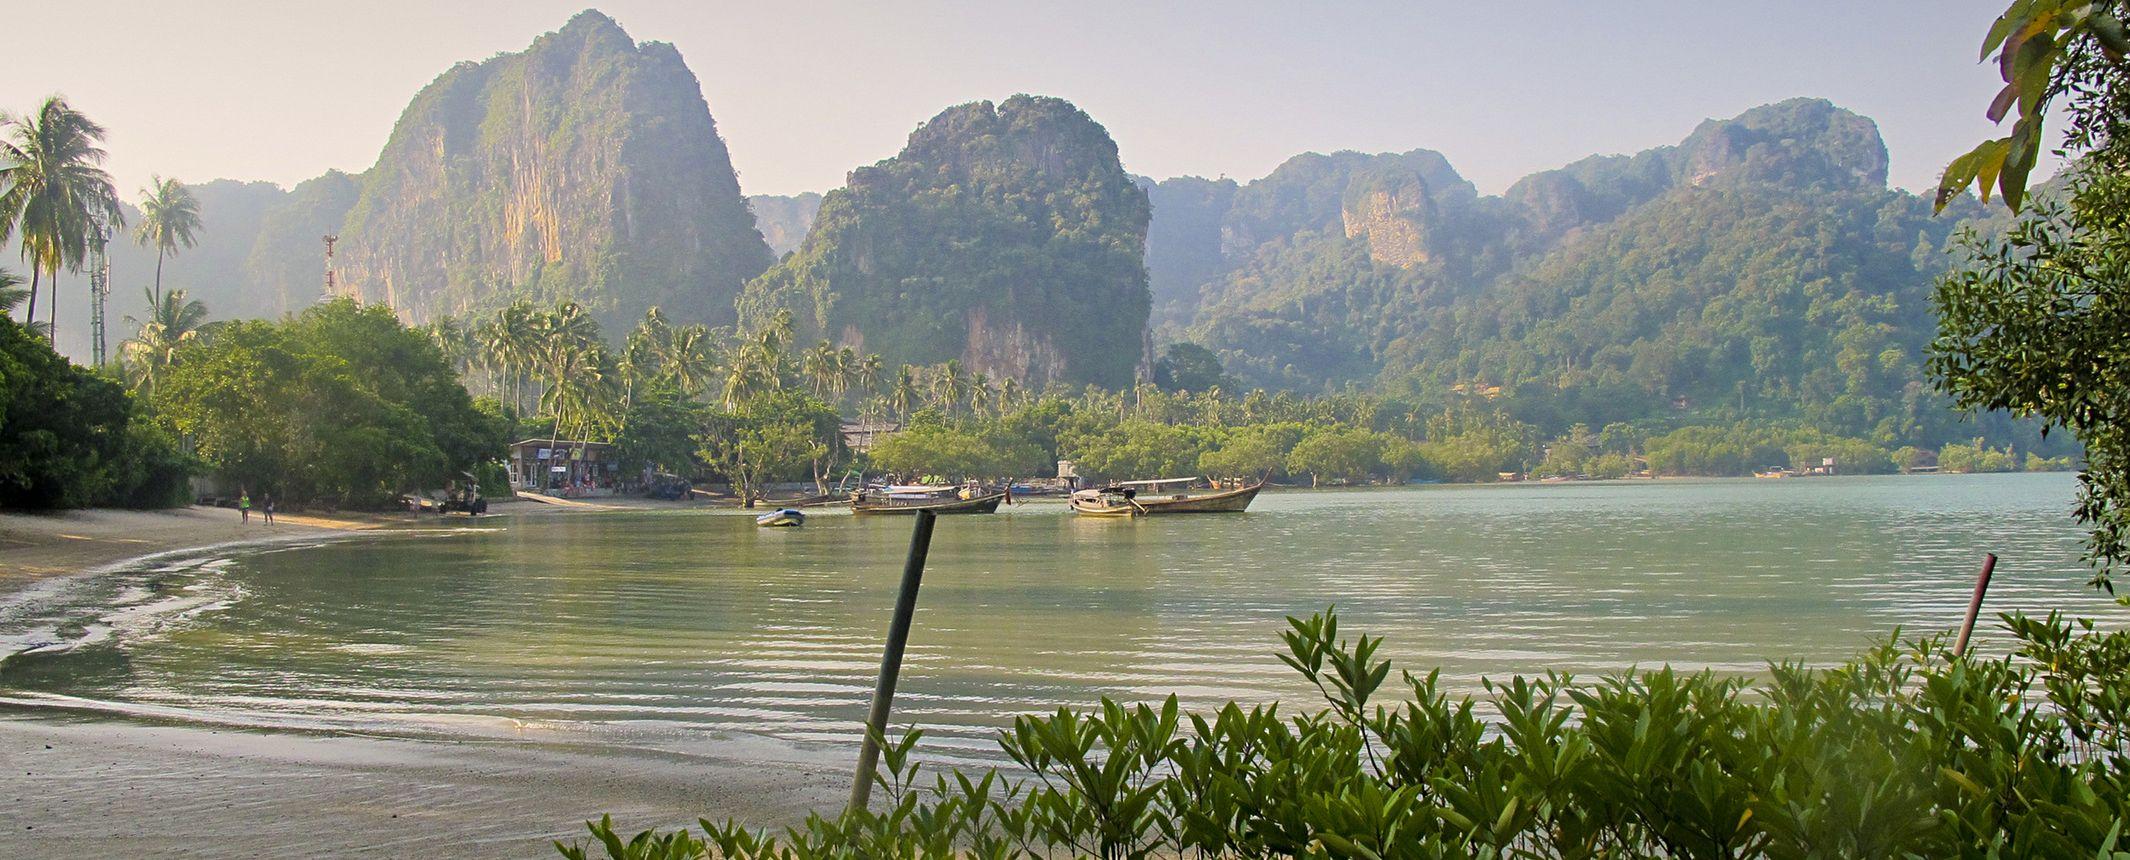 Bangkok, Trek de las minorías étnicas y playas del sur  – Salida 26 de diciembre